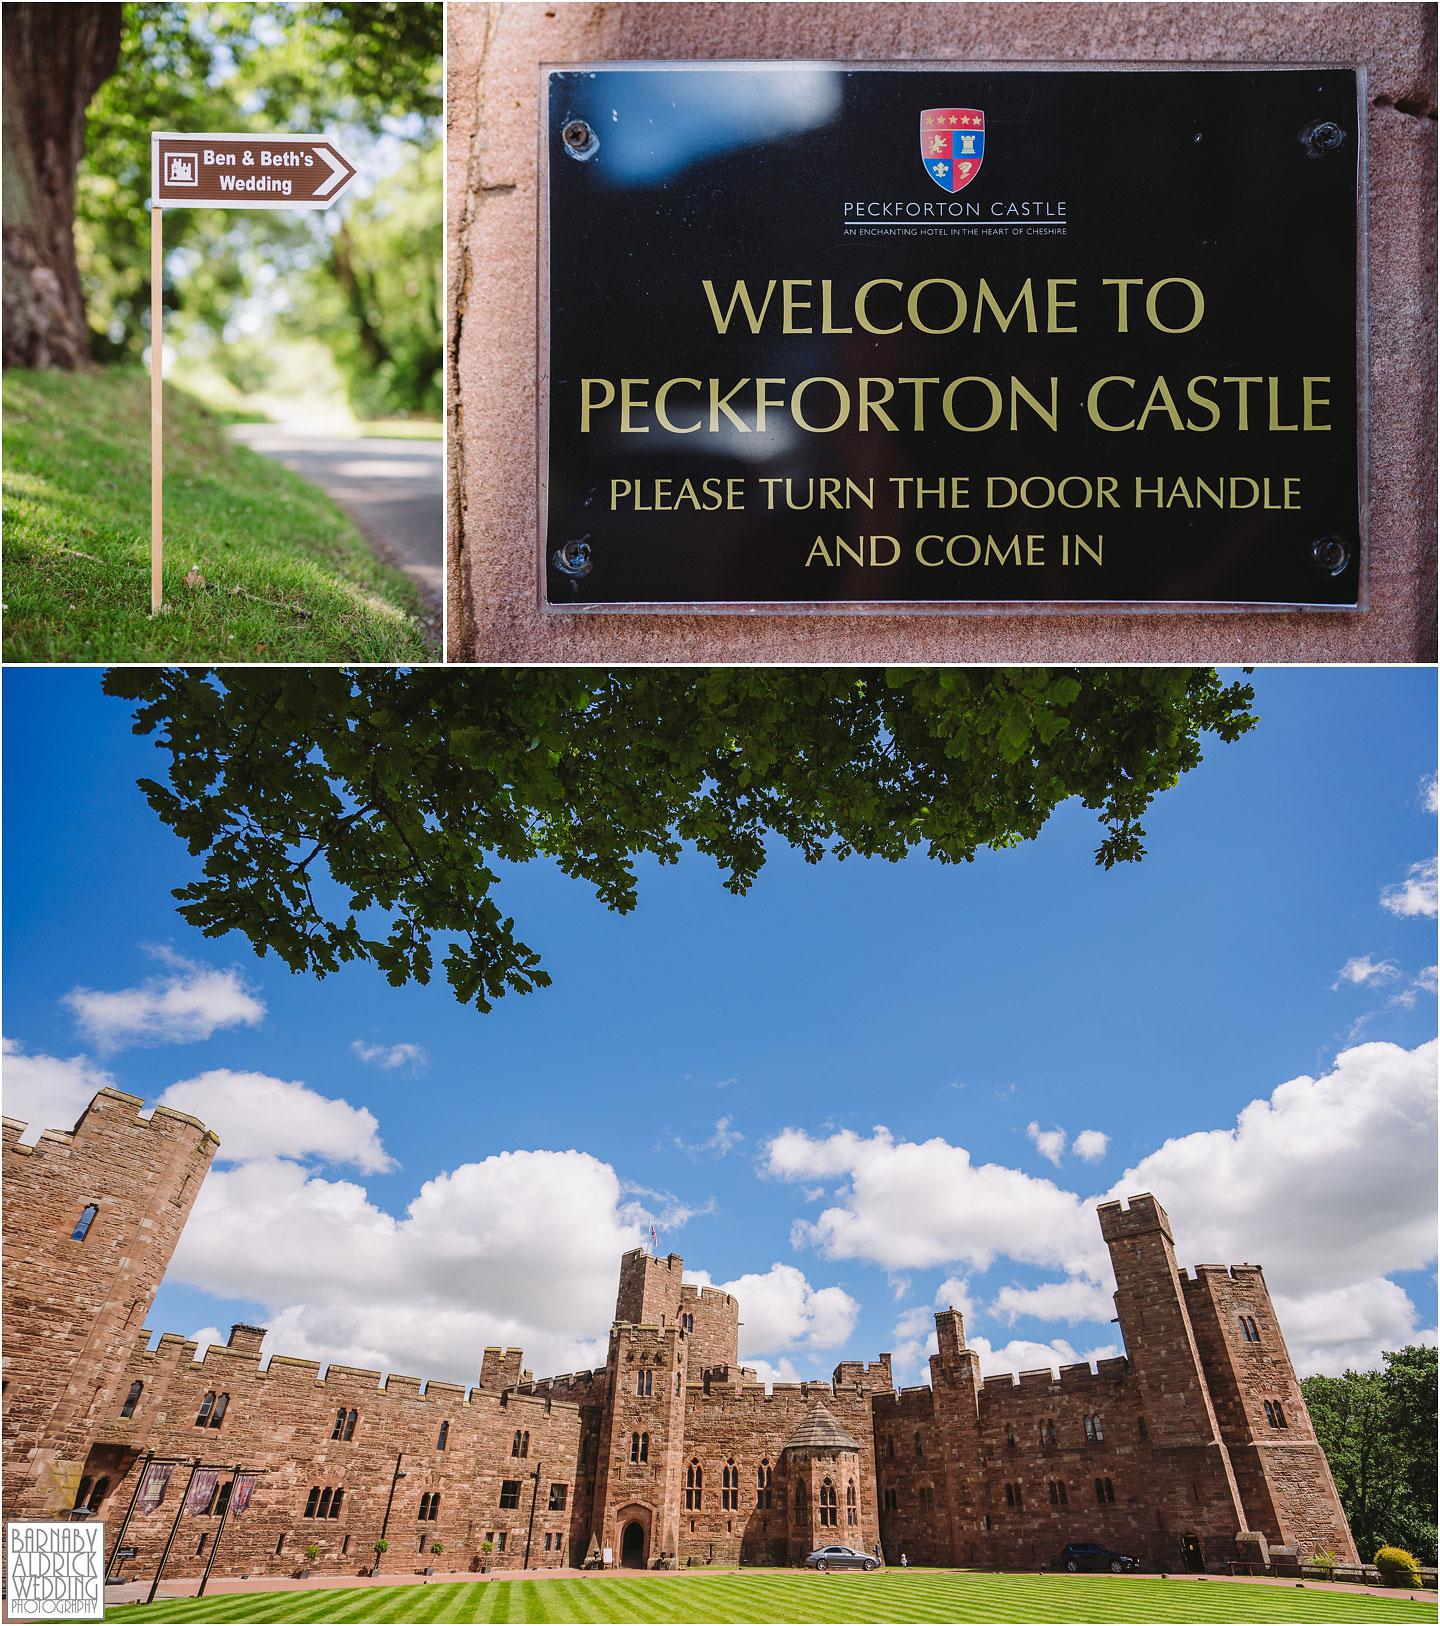 Peckforton Castle Wedding Photos, Cheshire Wedding Photography at Peckforton Castle, Peckforton Castle Wedding, UK Castle Wedding